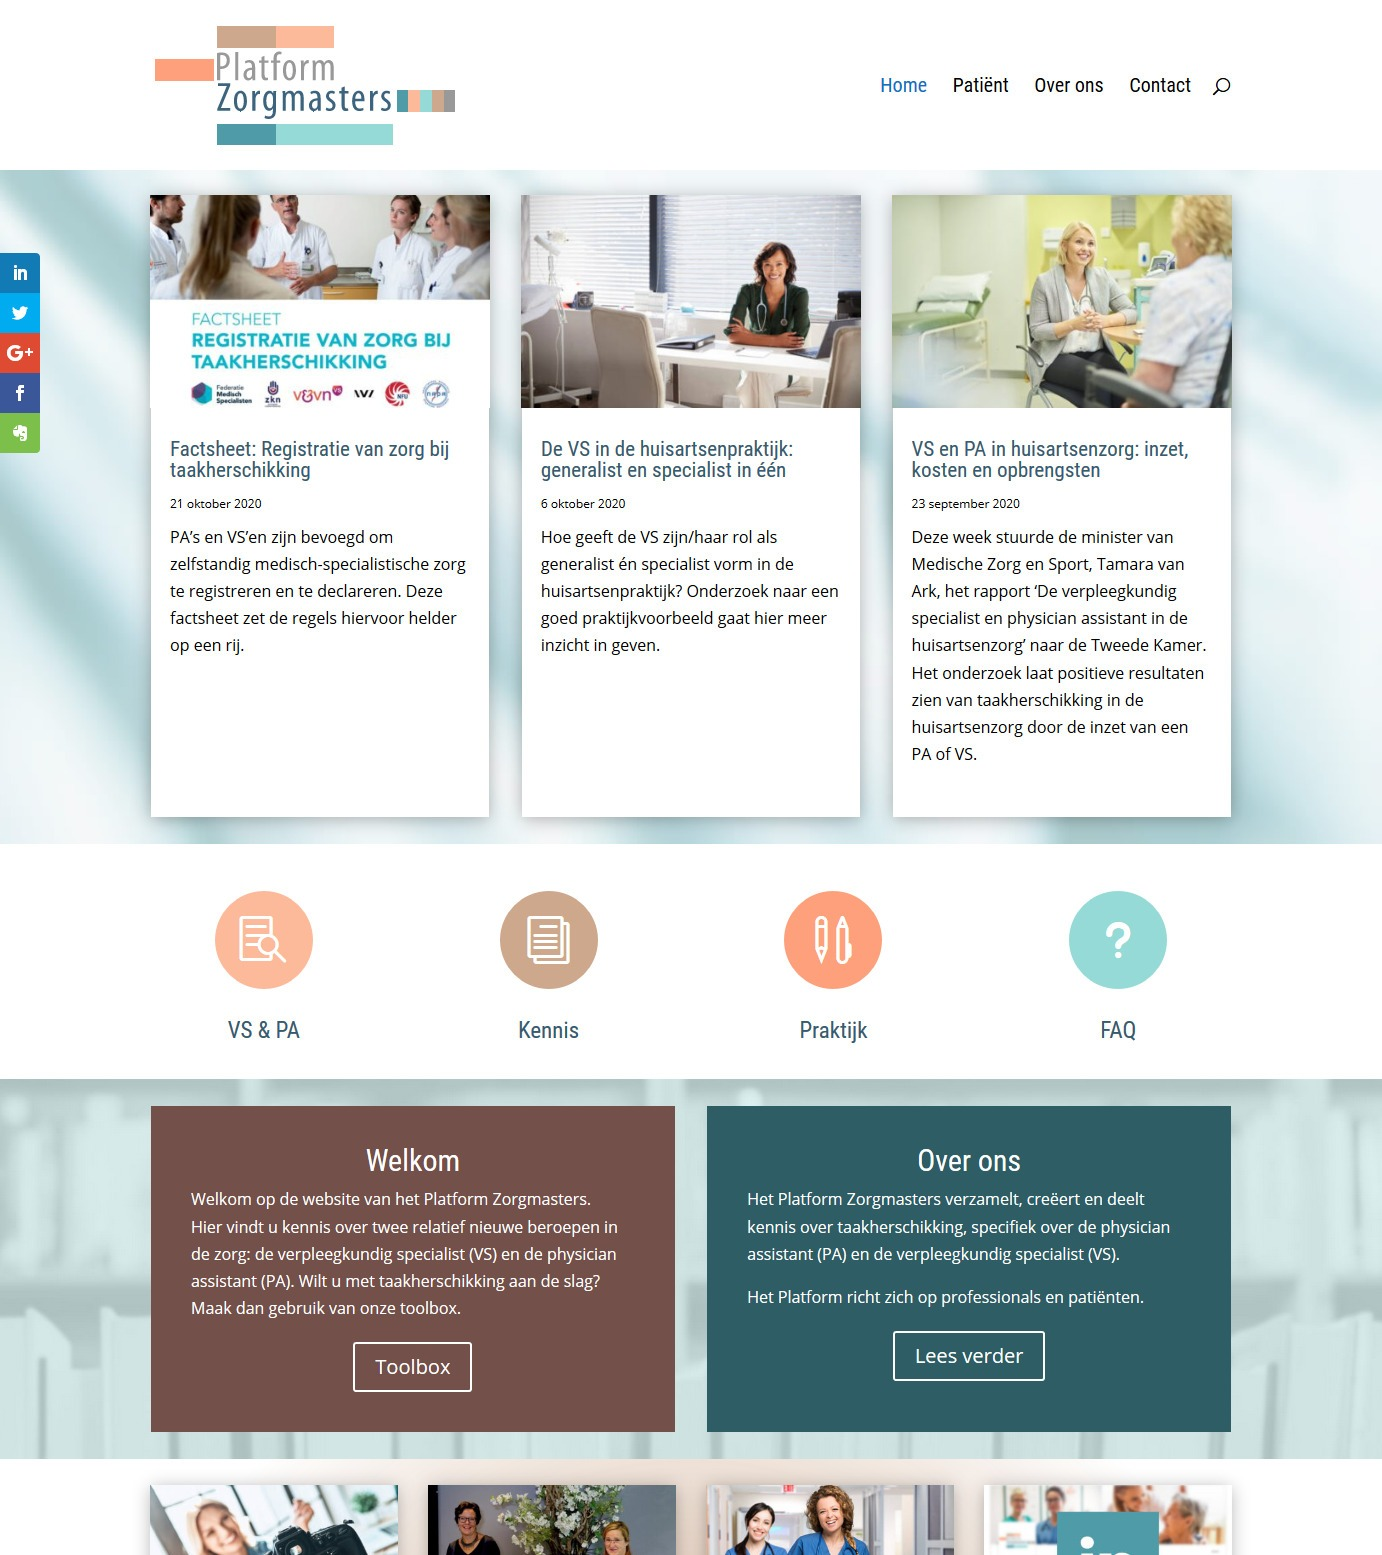 Platform Zorgmasters: bezoek de website voor zorgprofessionals